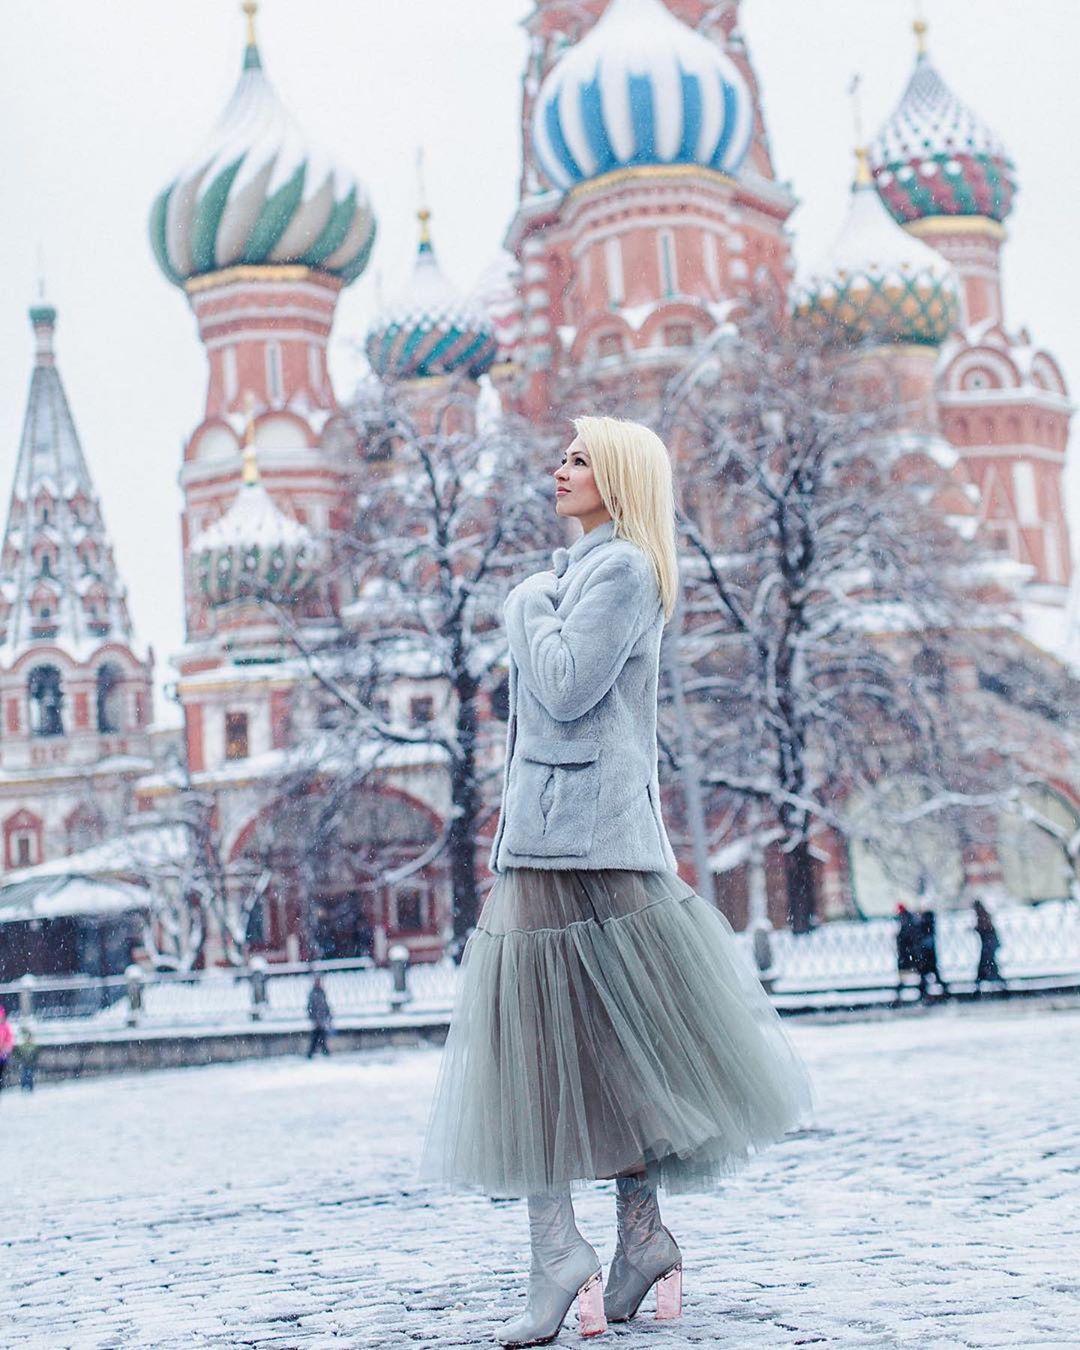 rudkovskayaofficial_72115240_581242399344921_7203403202101425414_n.jpg